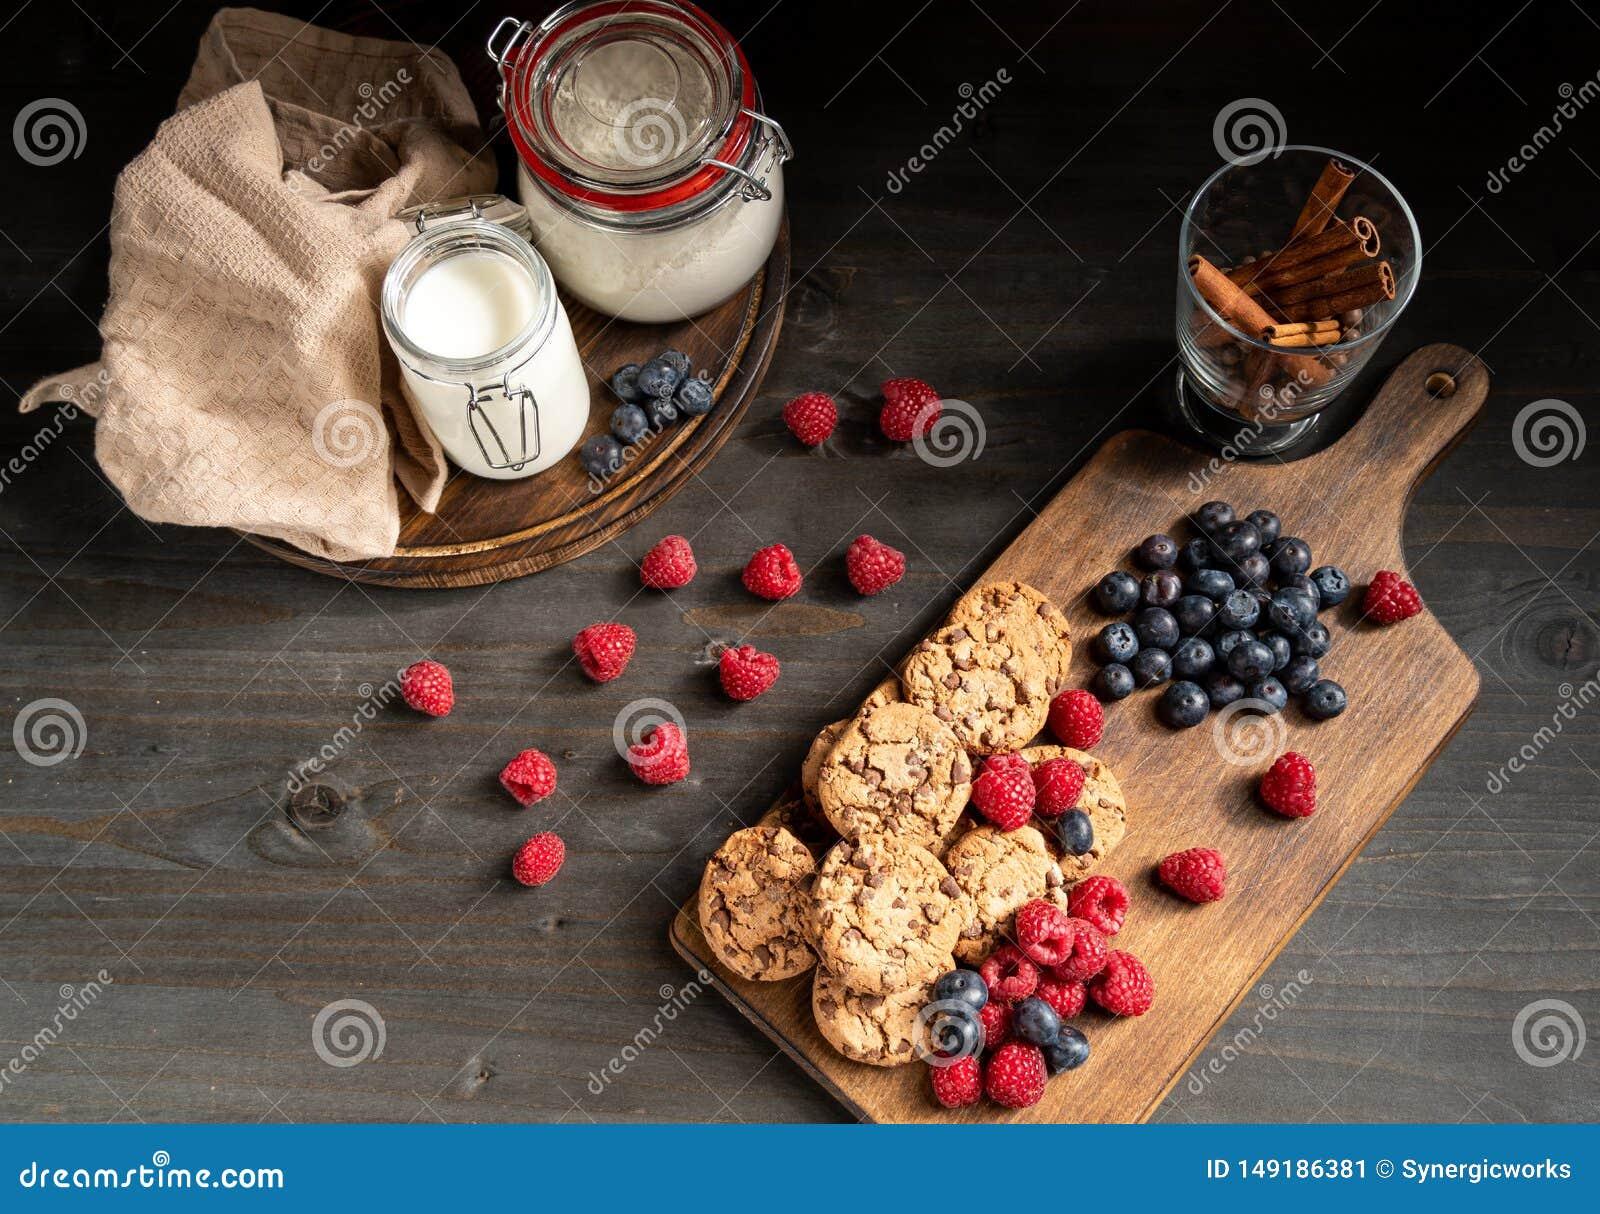 Tischplatte stapelte Schokoladenpl?tzchen und -beeren nahe bei Milch und Zimtstangen